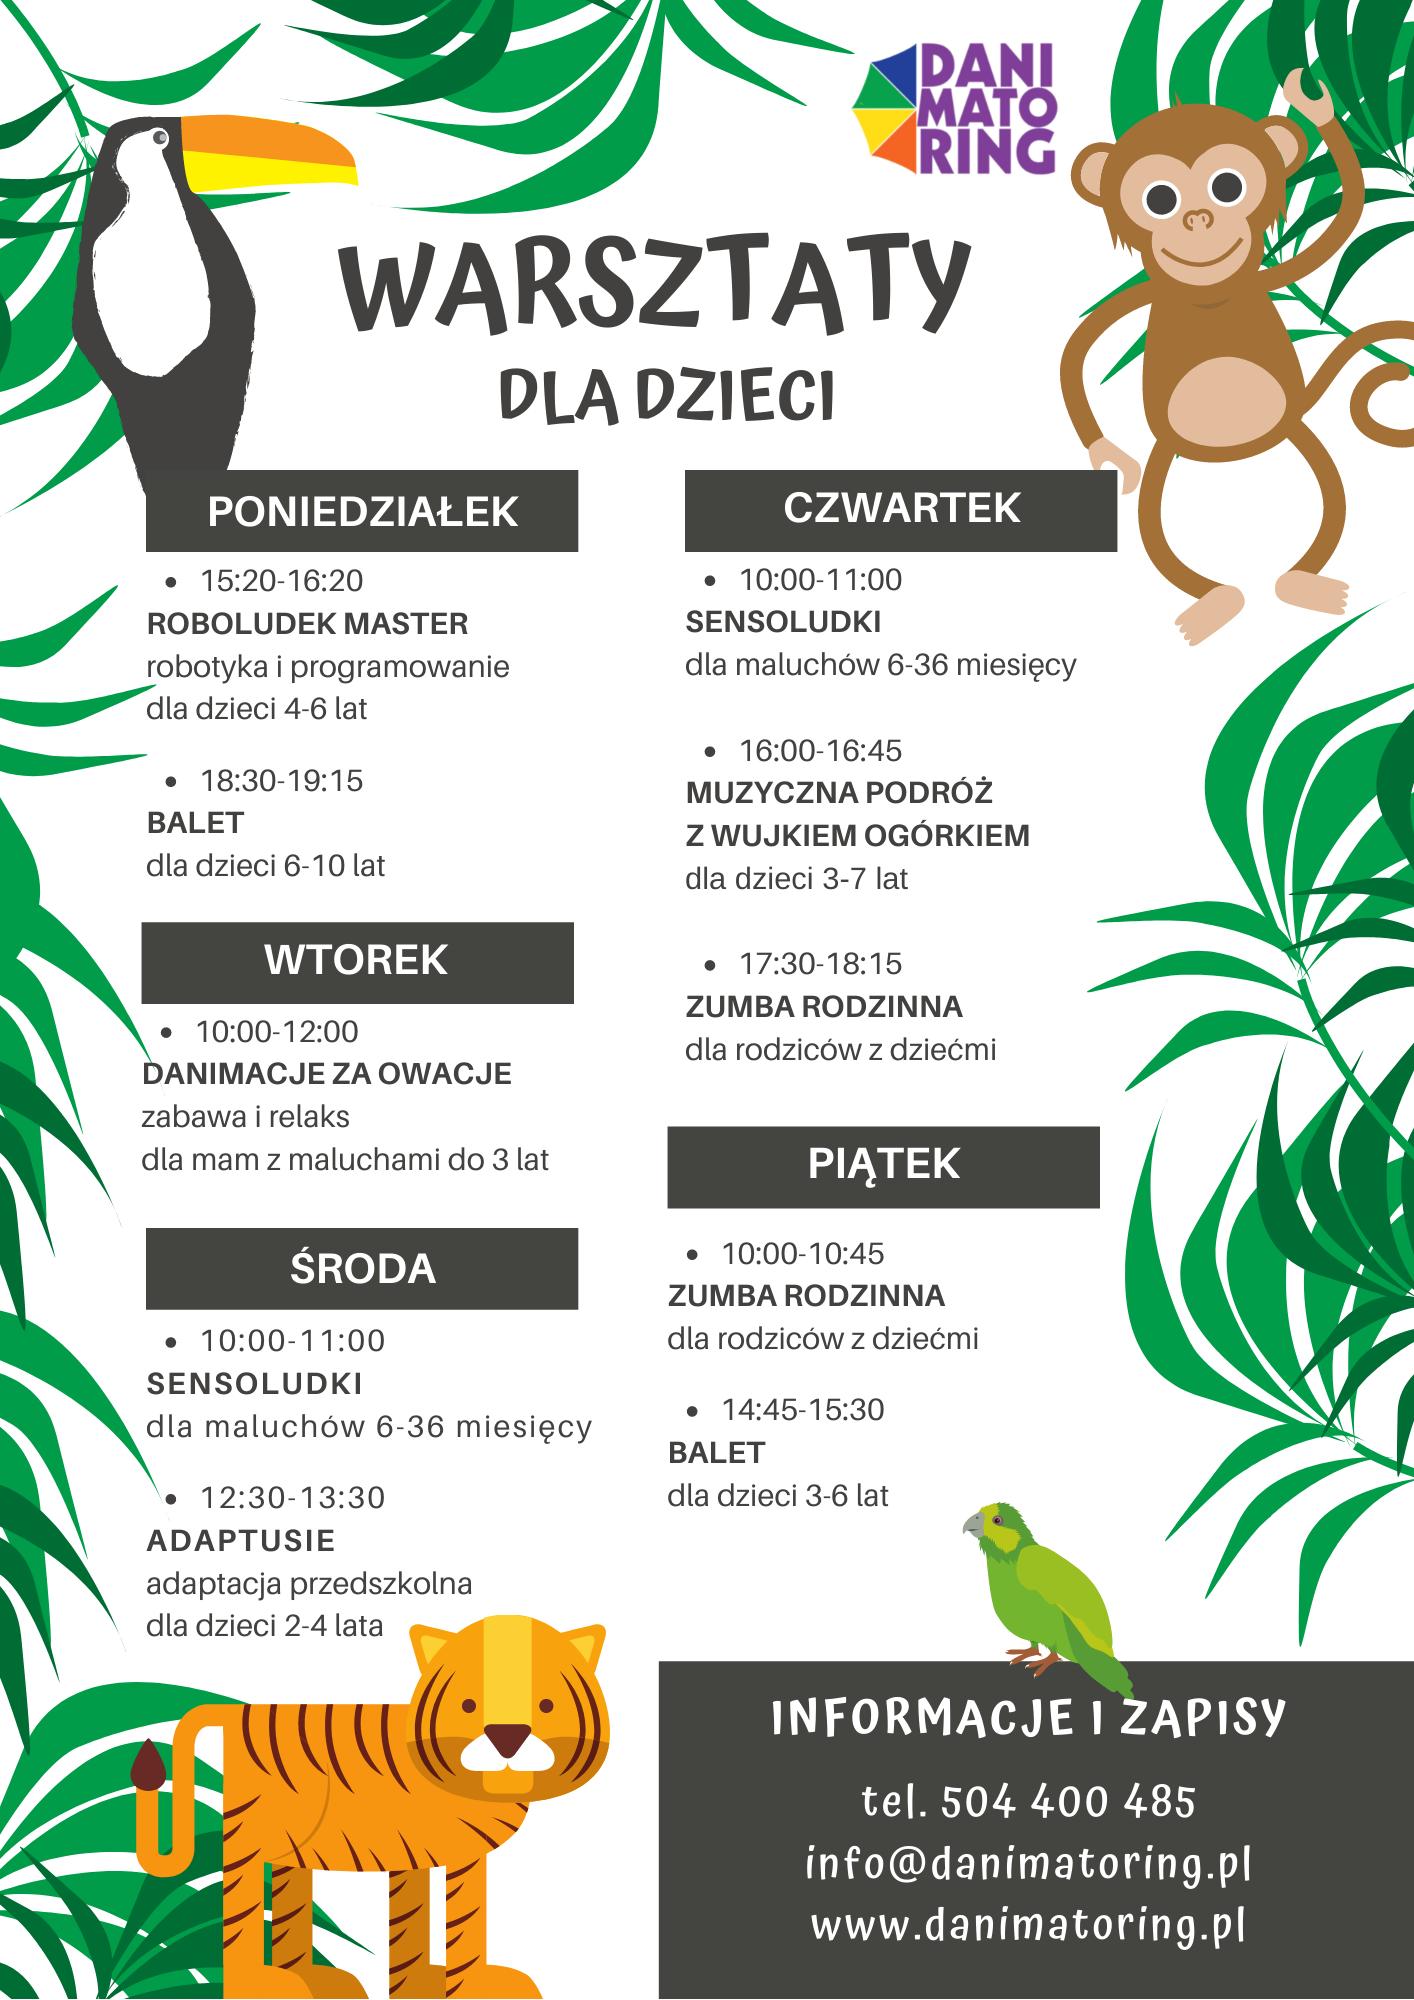 Zajęcia, Warsztaty Dla Dzieci - Poznań zdjęcie nr 2